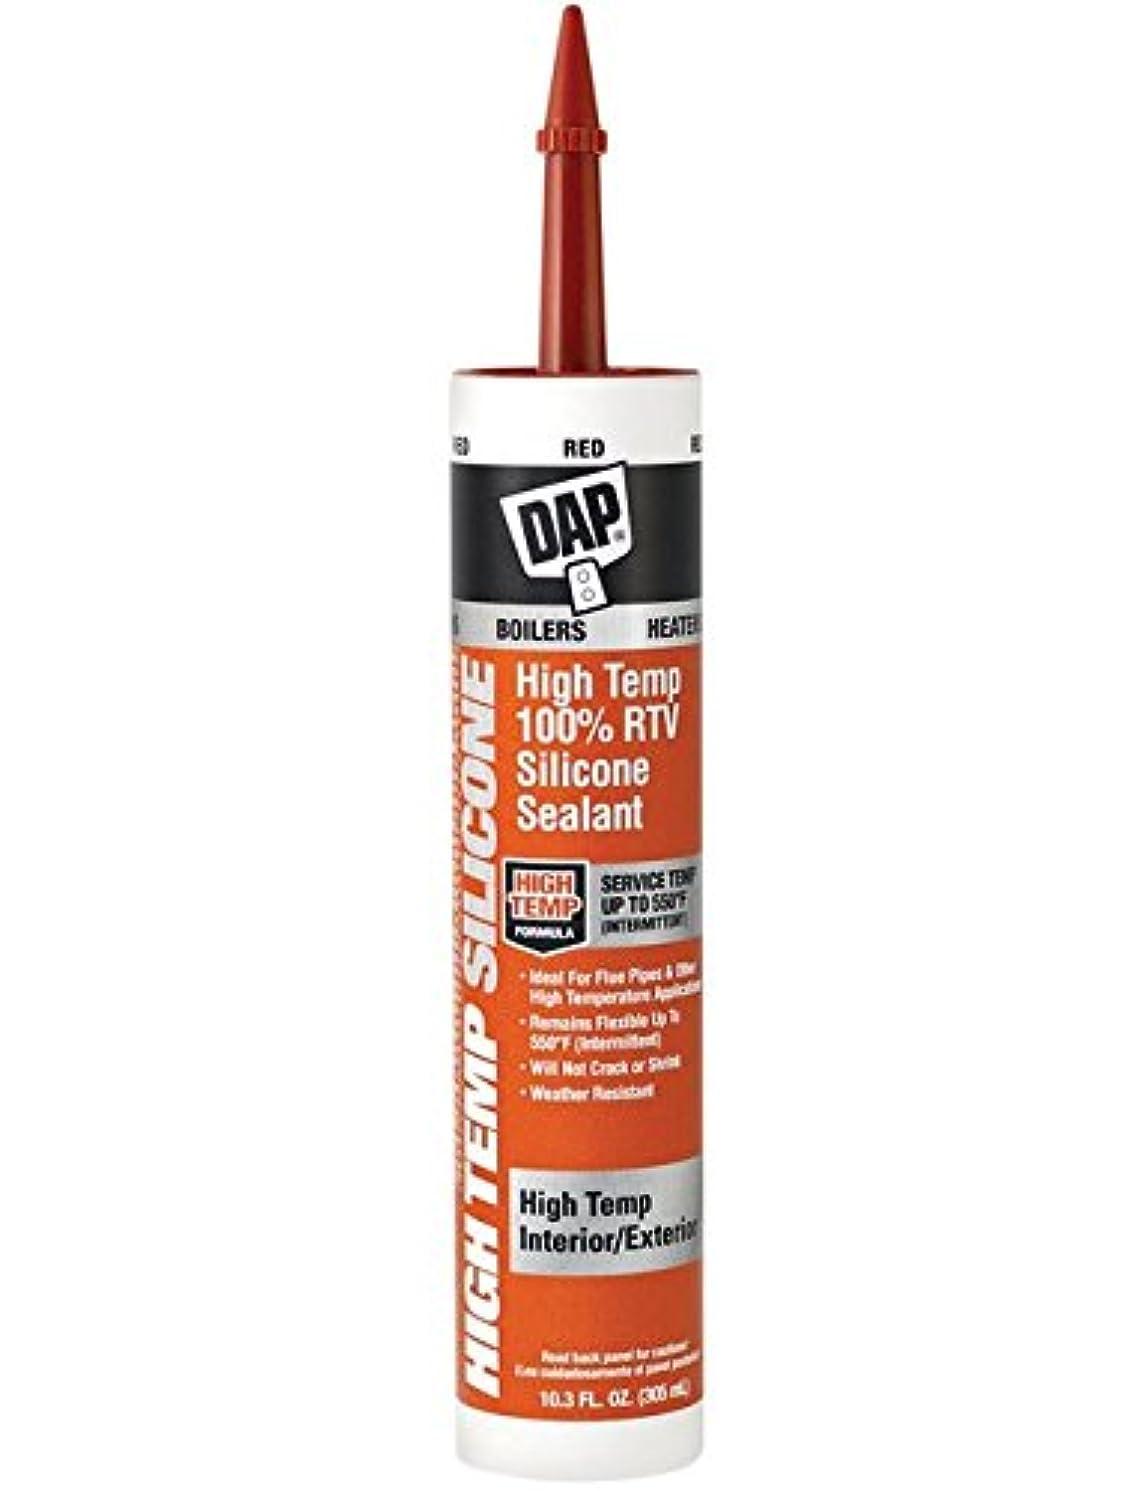 DAP 8013 80133 High Temperature 100% Rtv Silicone Sealant, 10.3 Fl-Oz, Red